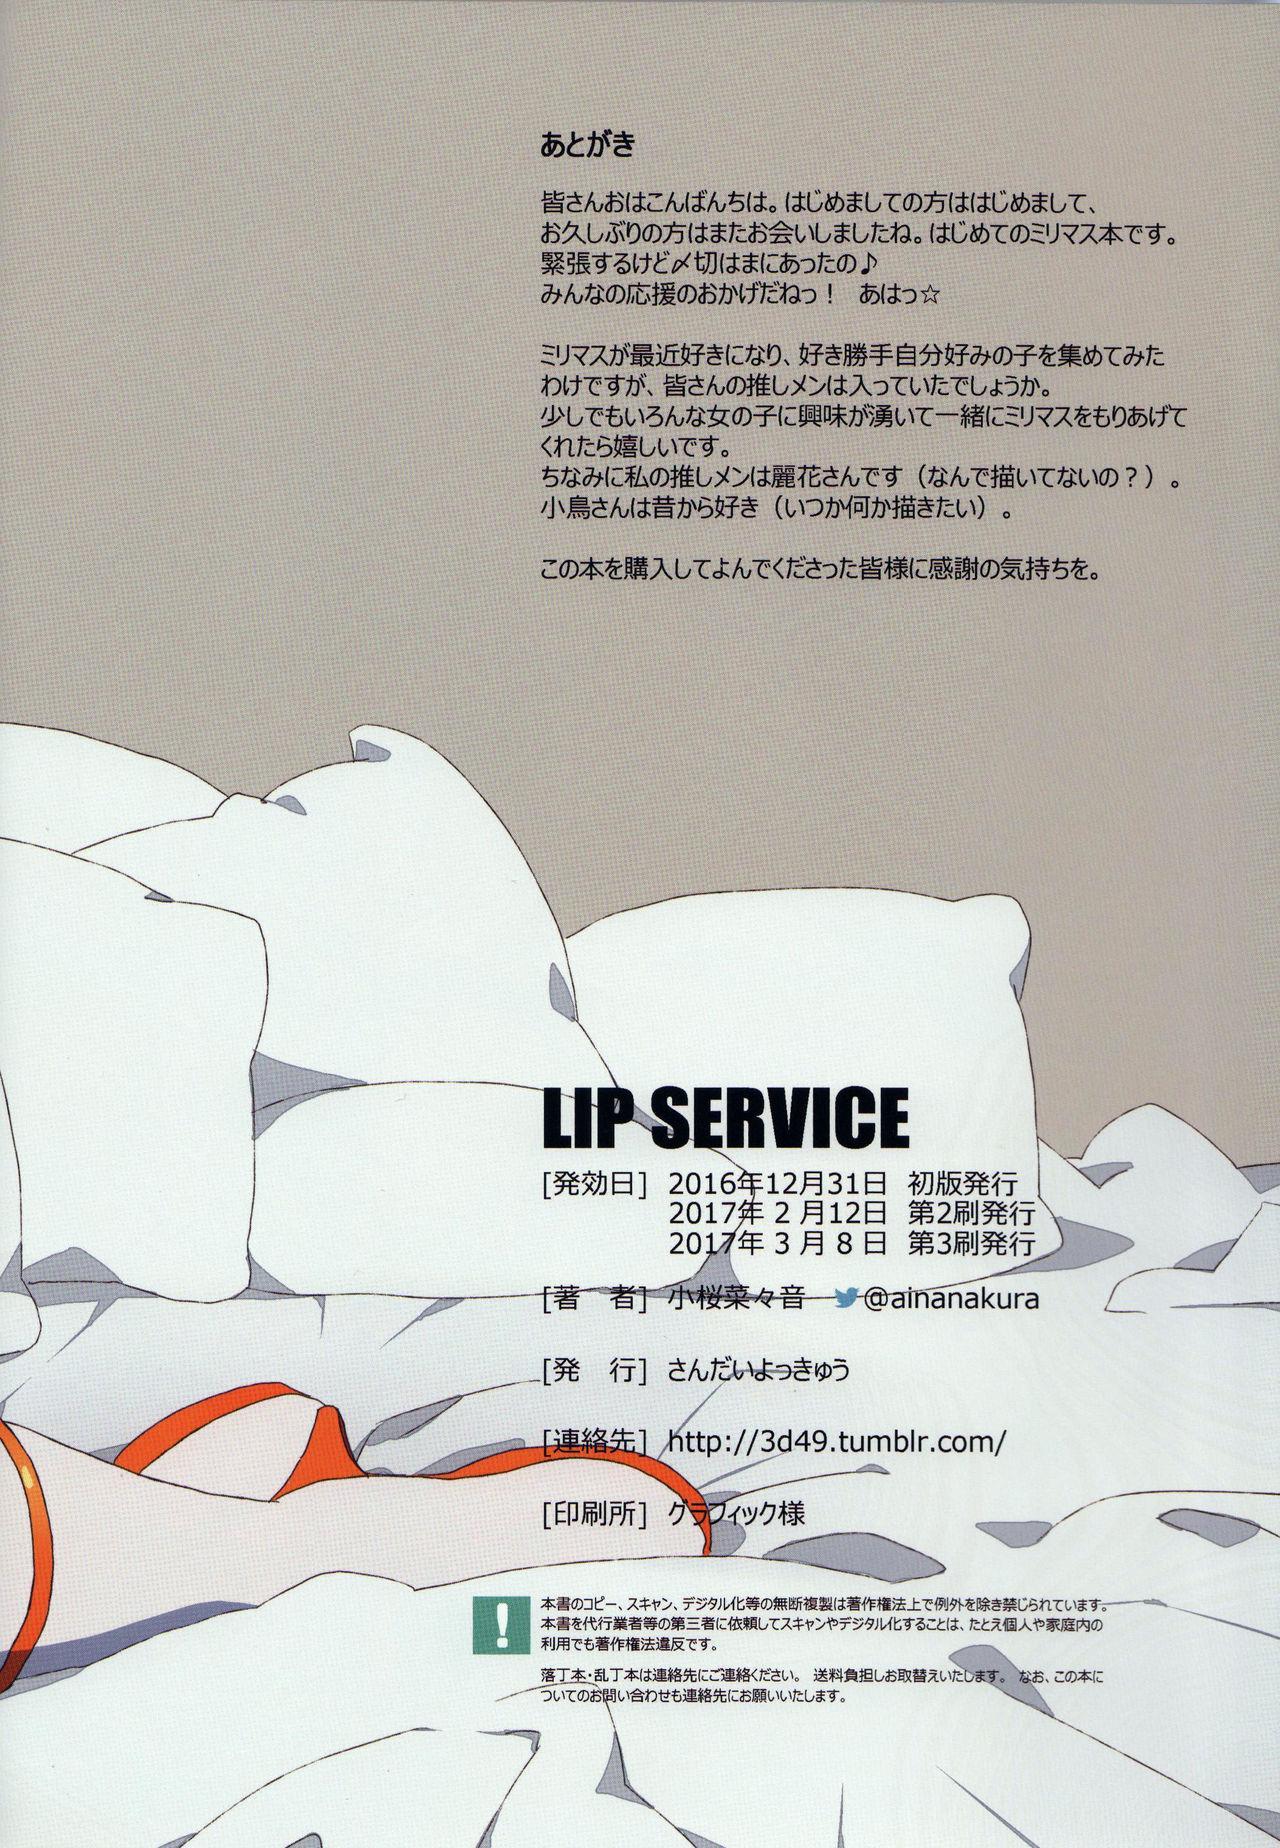 LIP SERVICE 16